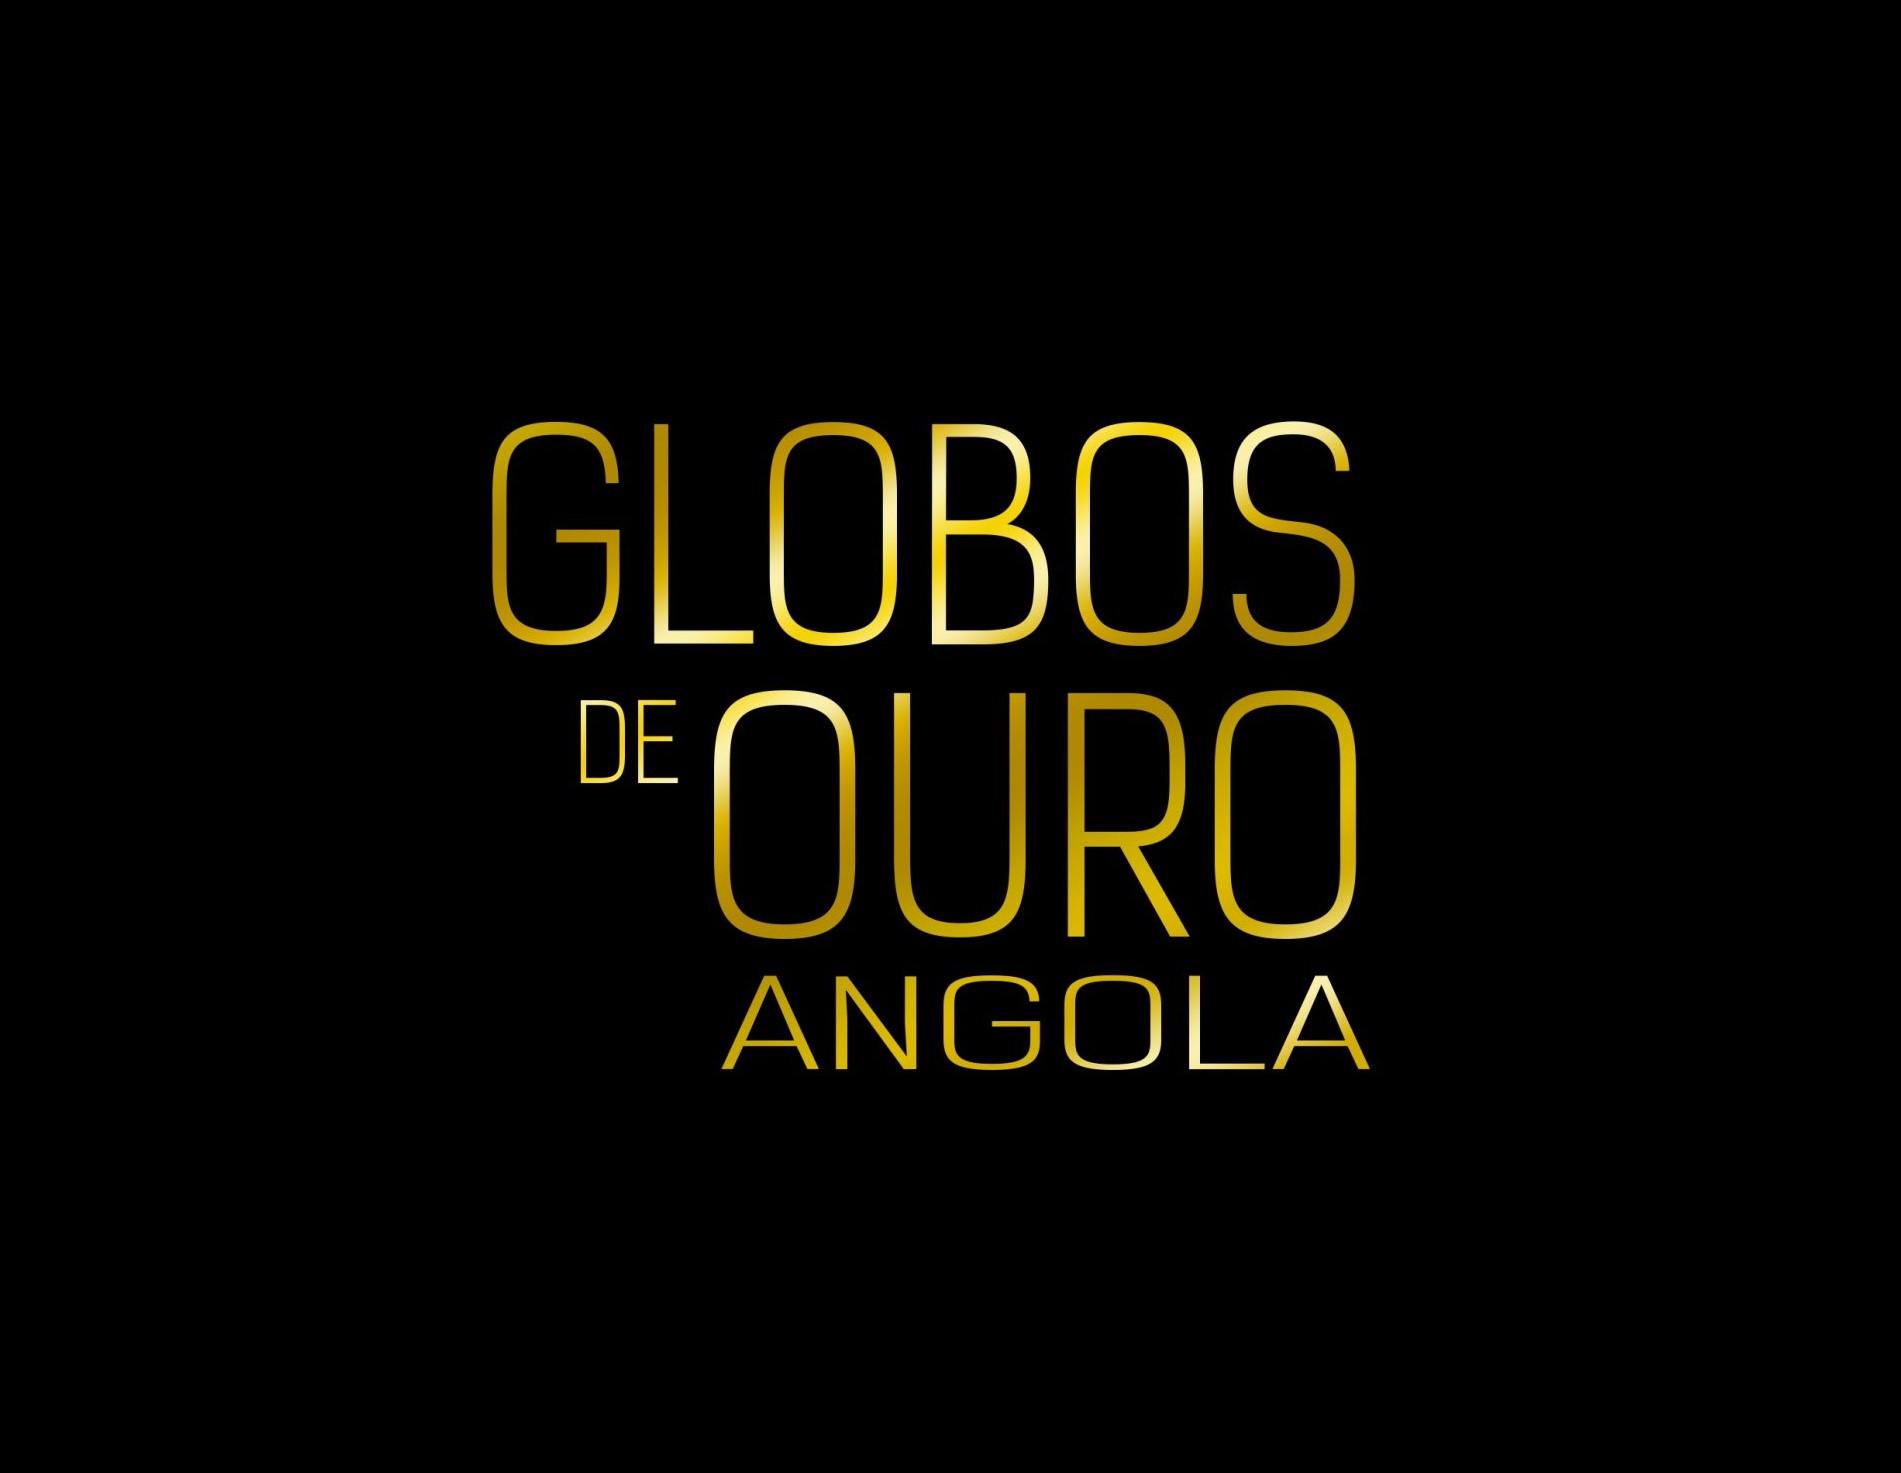 """Mérito e excelência dos profissionais angolanos reconhecidos mais uma vez  nos """"Globos de Ouro Angola"""""""